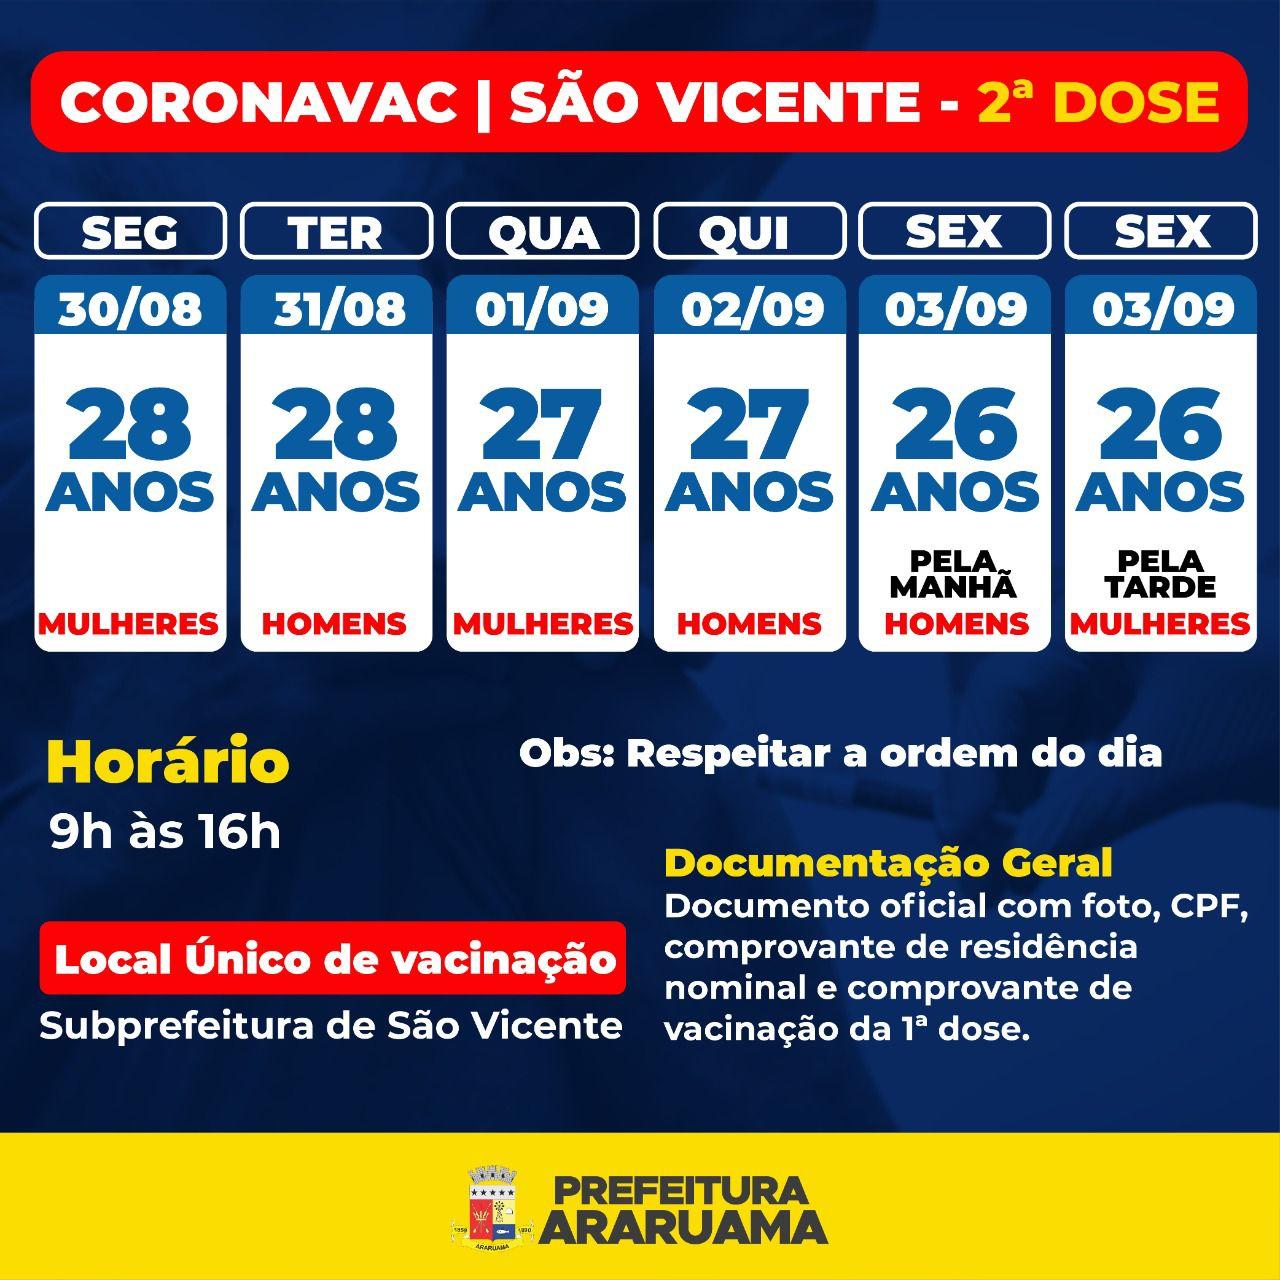 Calendário de vacinação da segunda dose da Coronavac exclusivo para a Subprefeitura de São Vicente